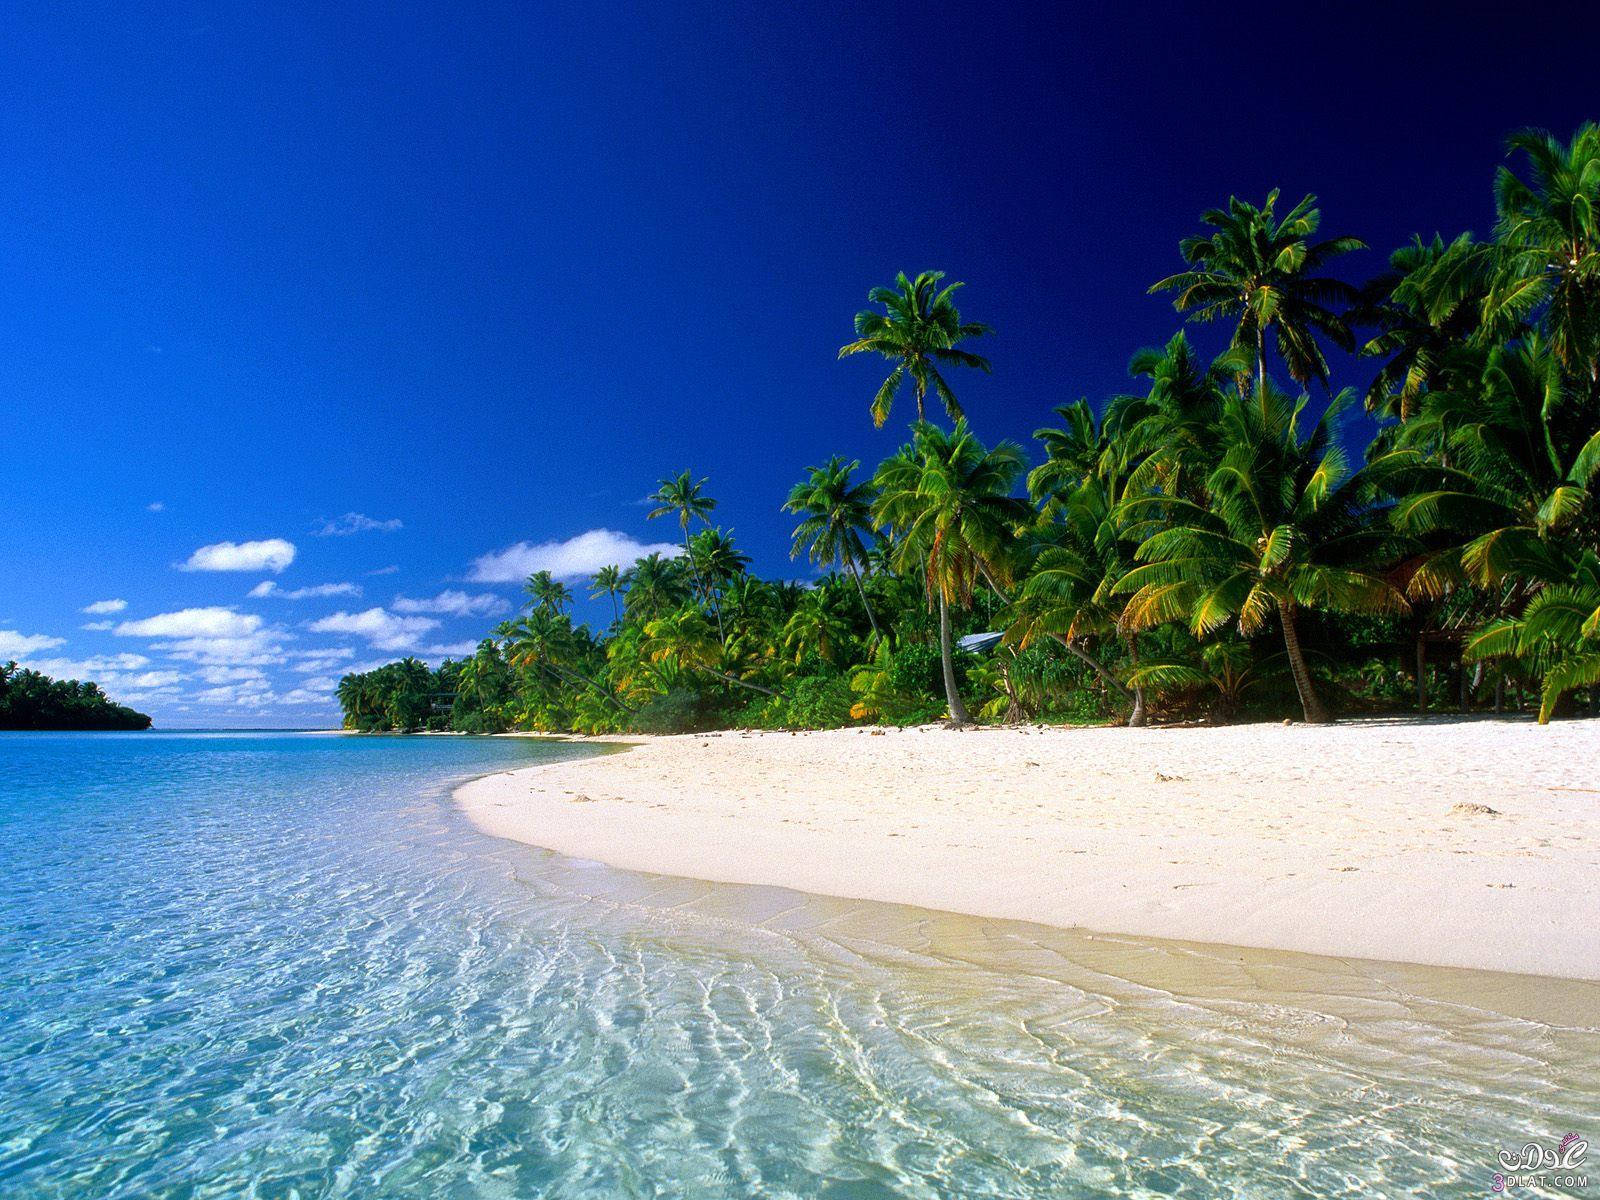 روعه السياحة في جزر المالديف